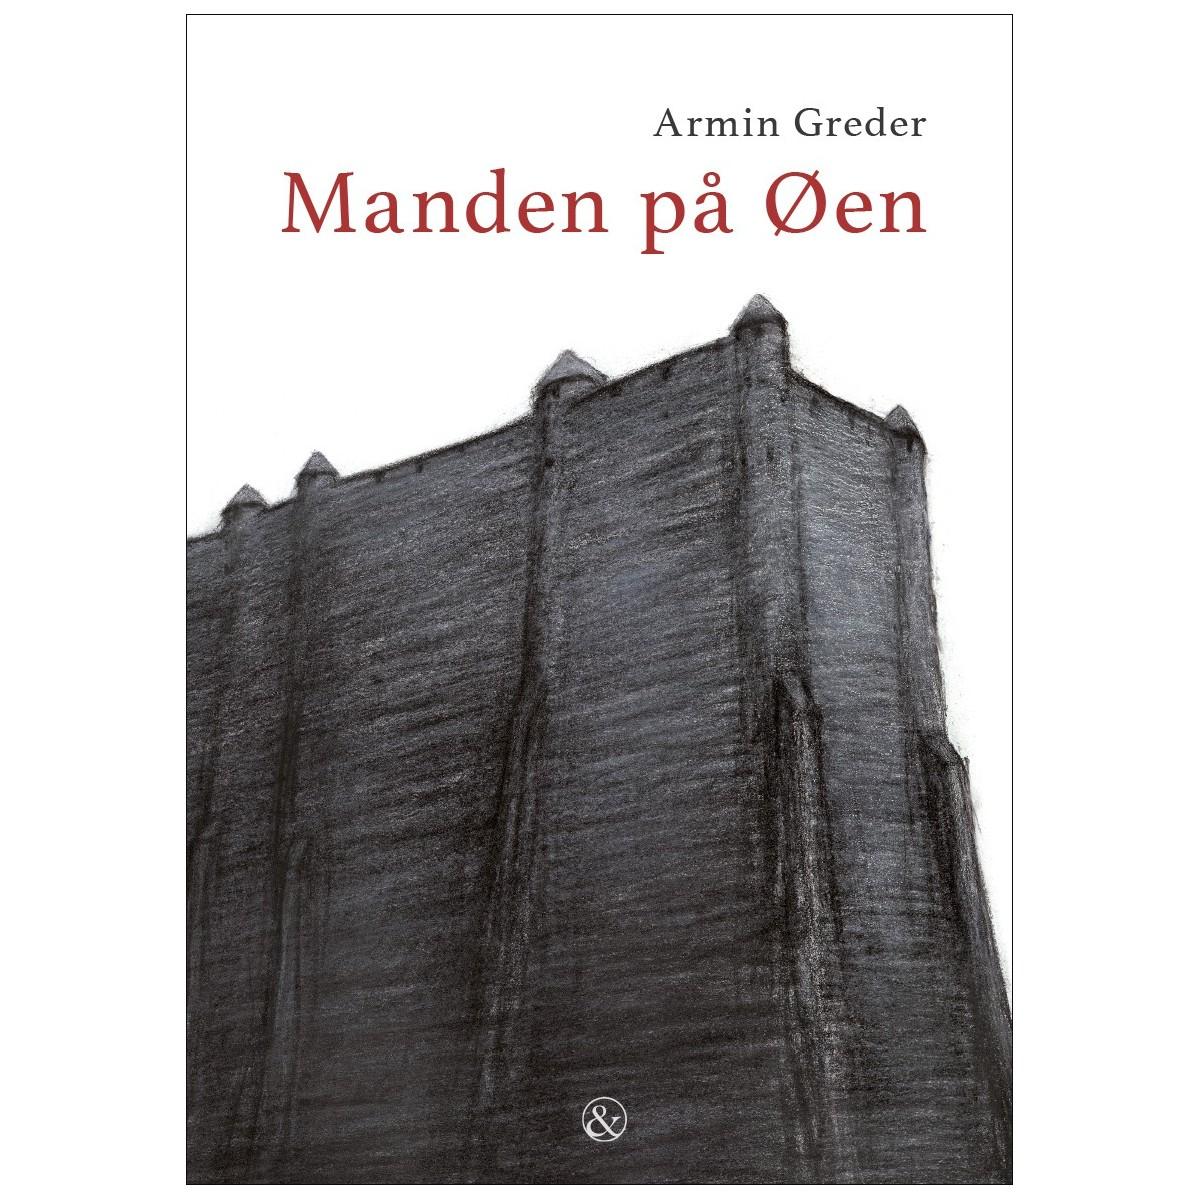 Armin Greder: Manden på Øen